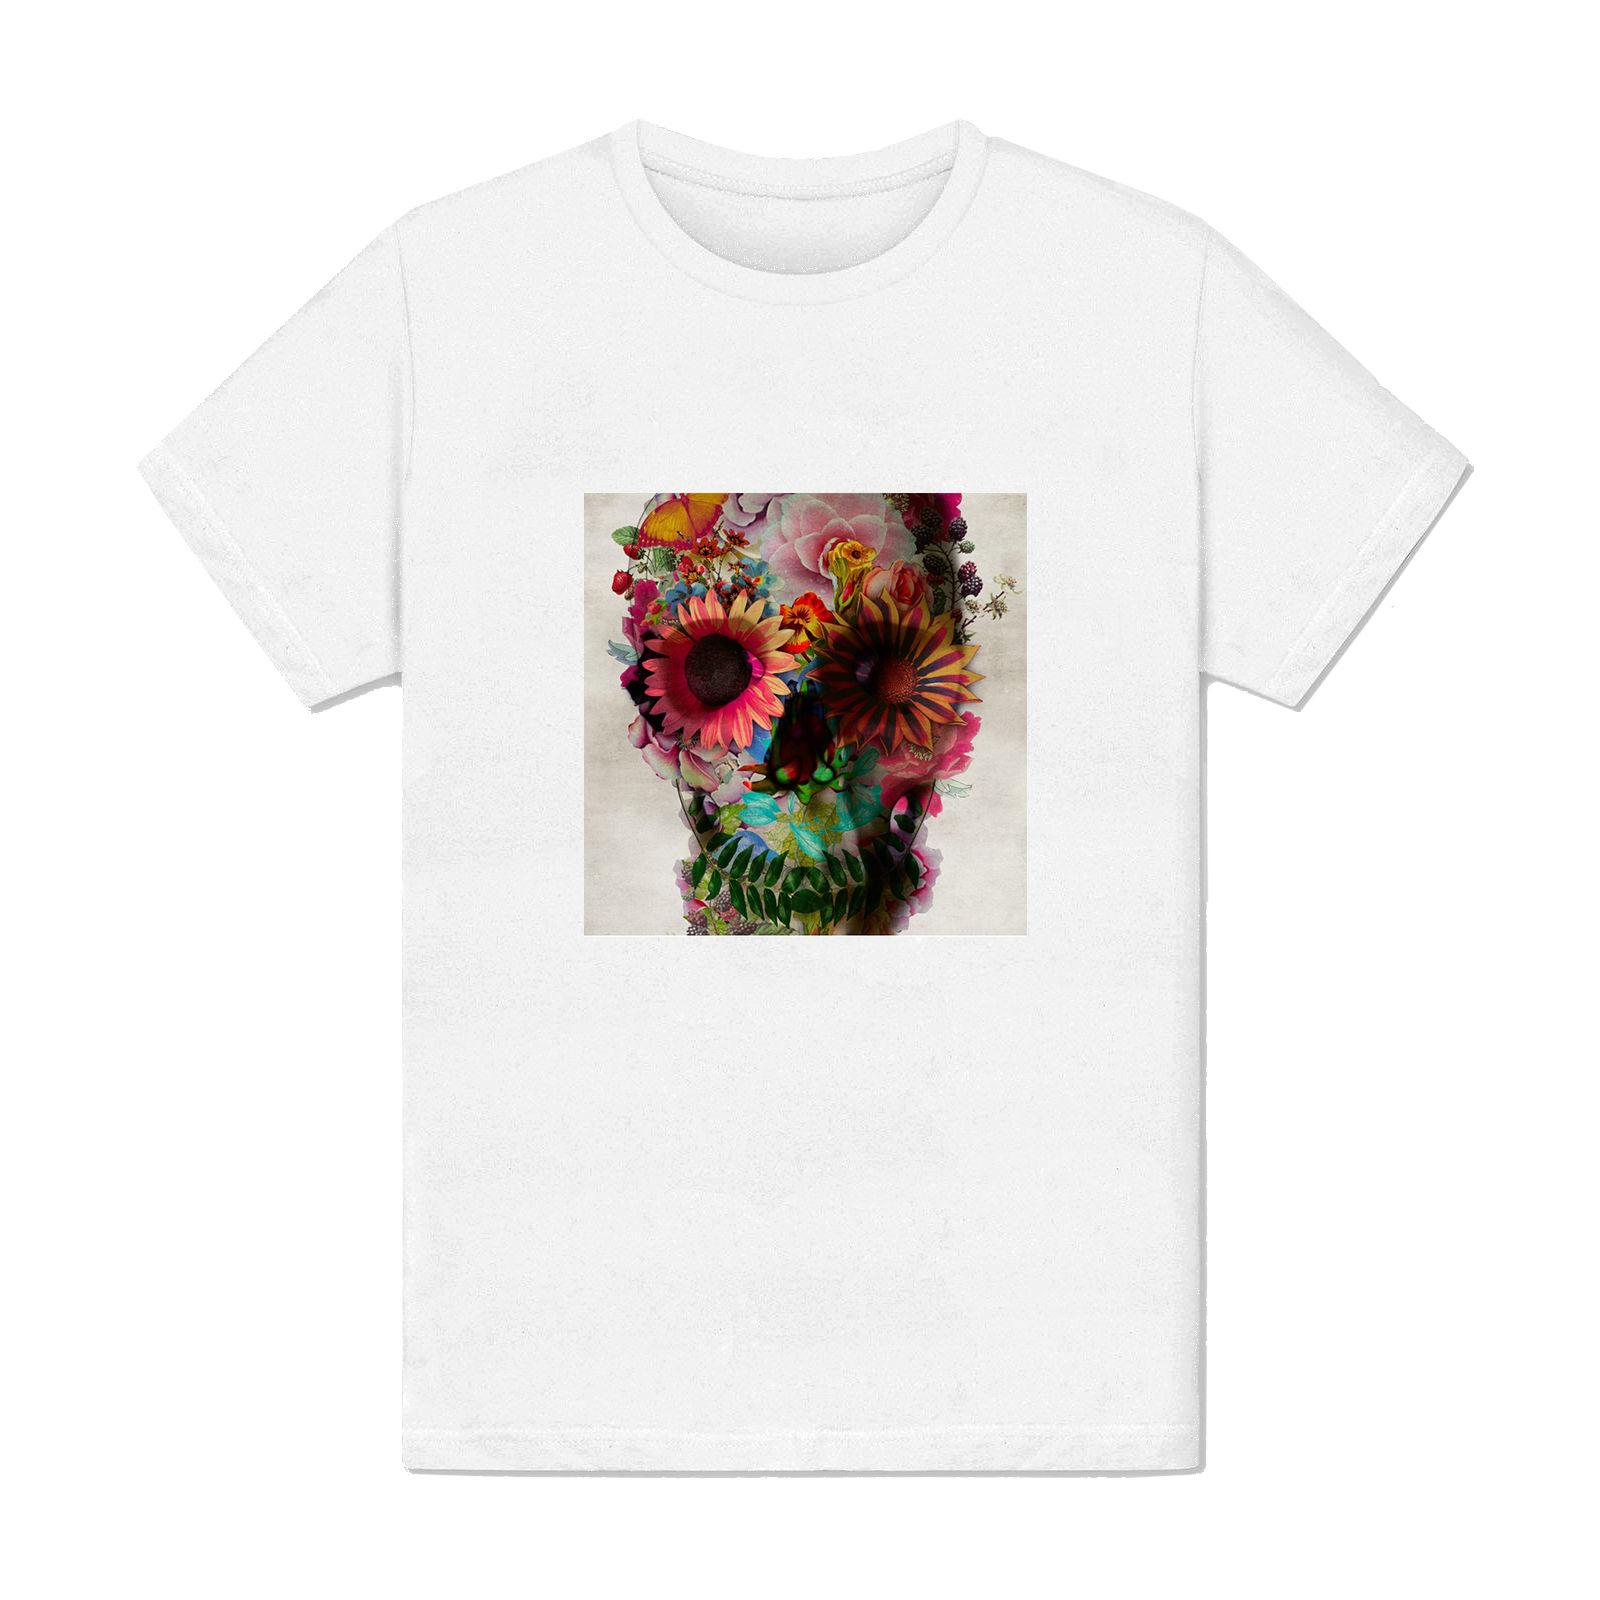 T-shirt Homme - Crane mort tete fleur art peinture swag paris fashion mode ...